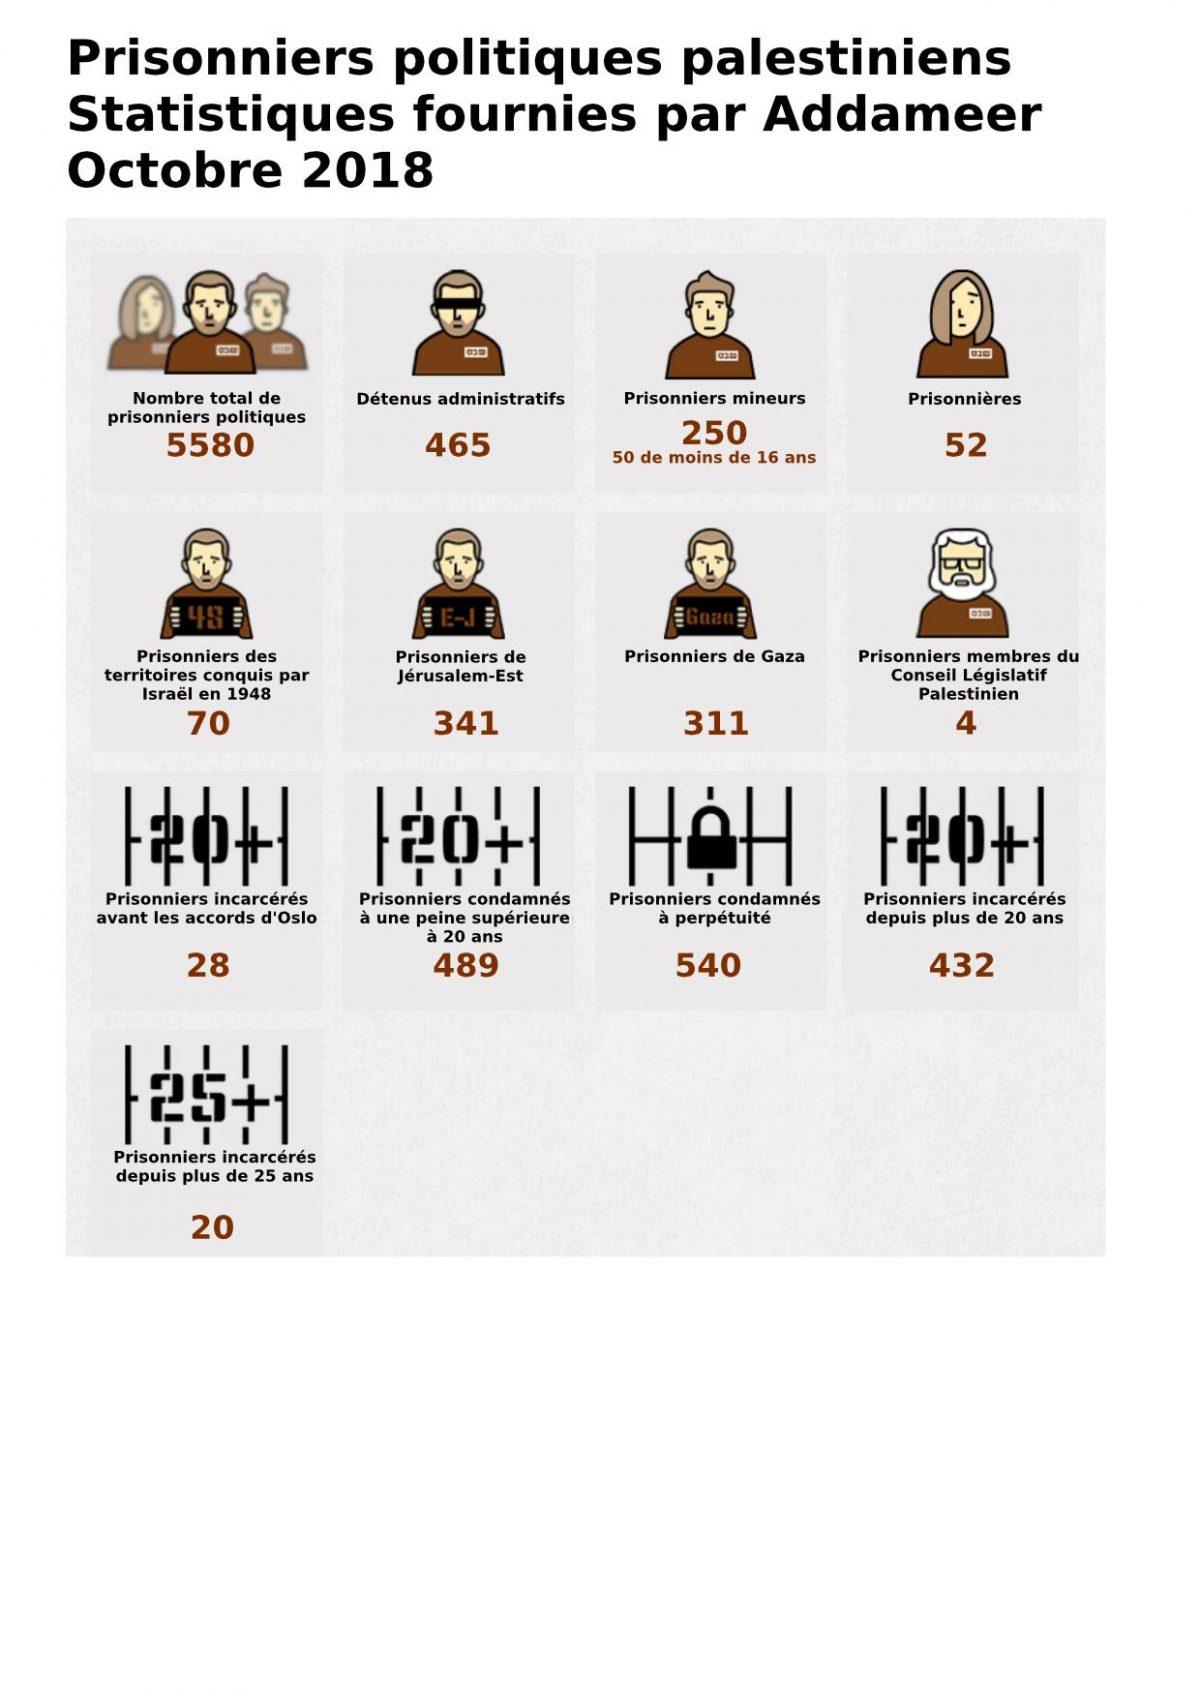 Prisonniers politiques palestiniens - Les statistiques du mois d'octobre 2018